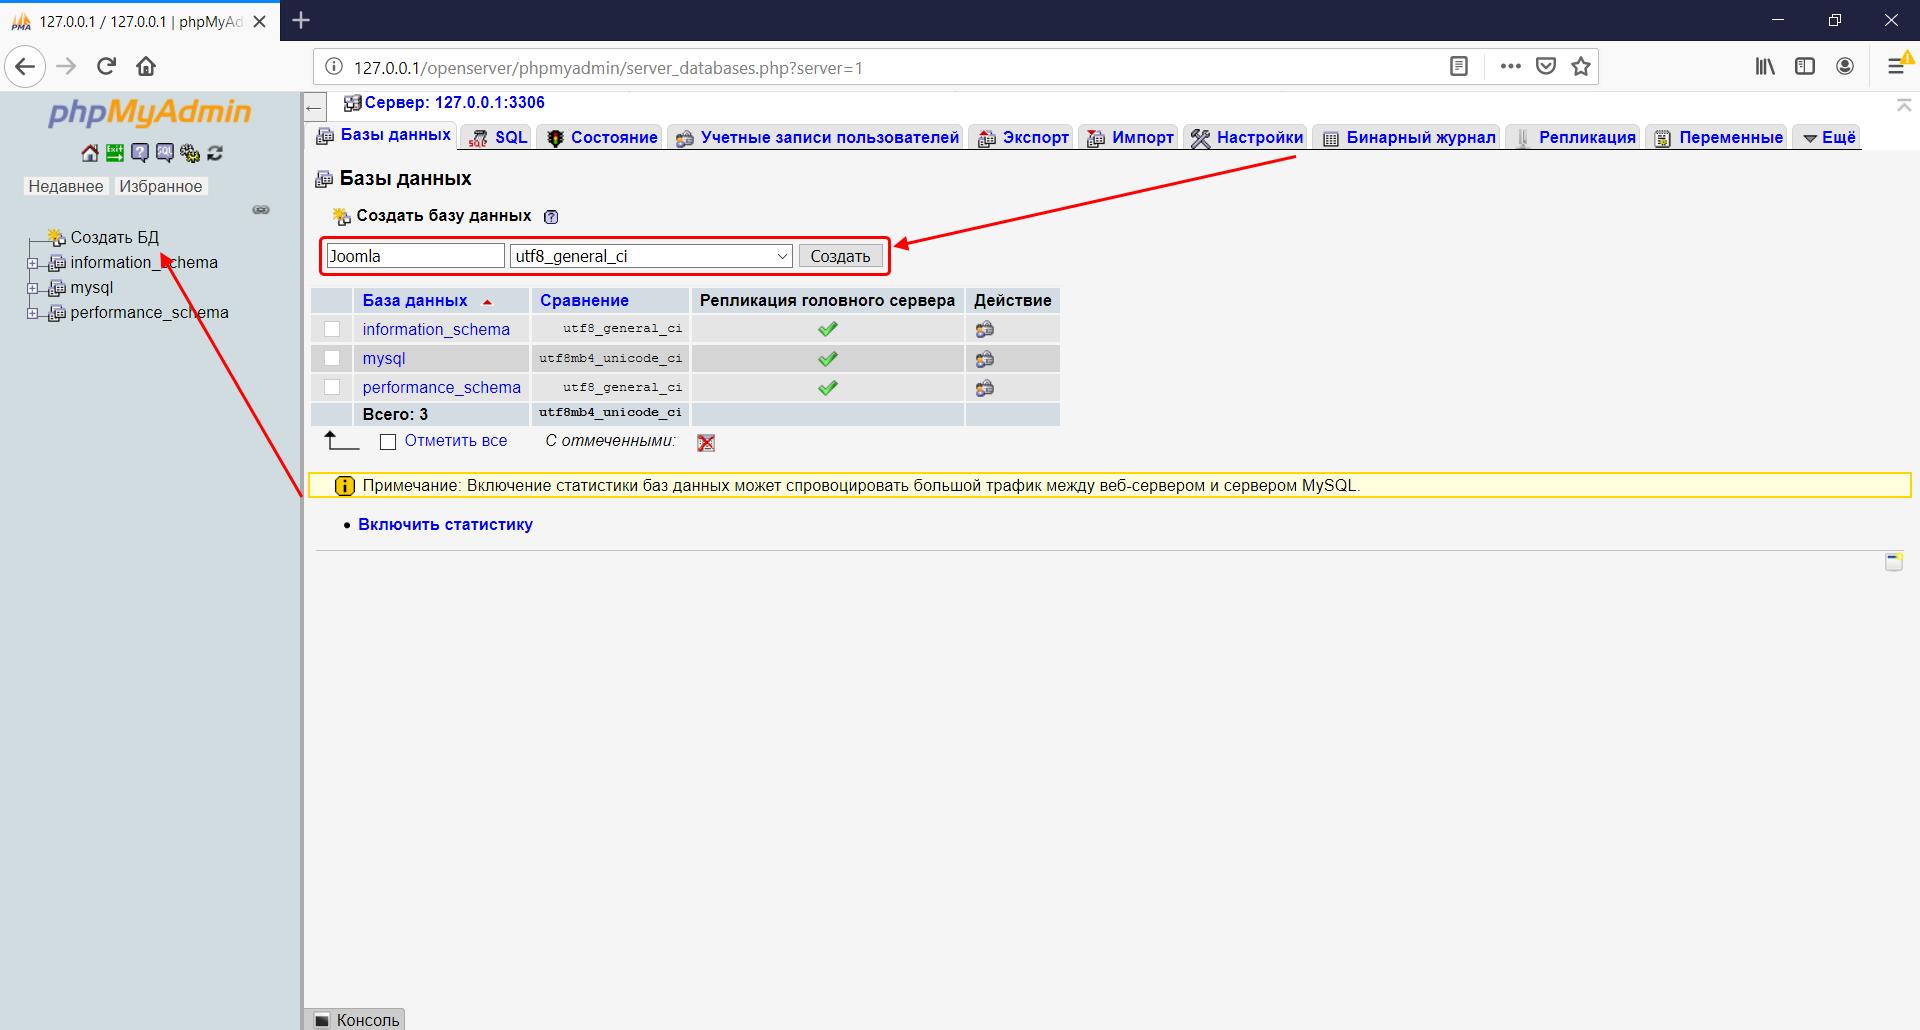 Как в phpMyAdmin создать новую базу данных